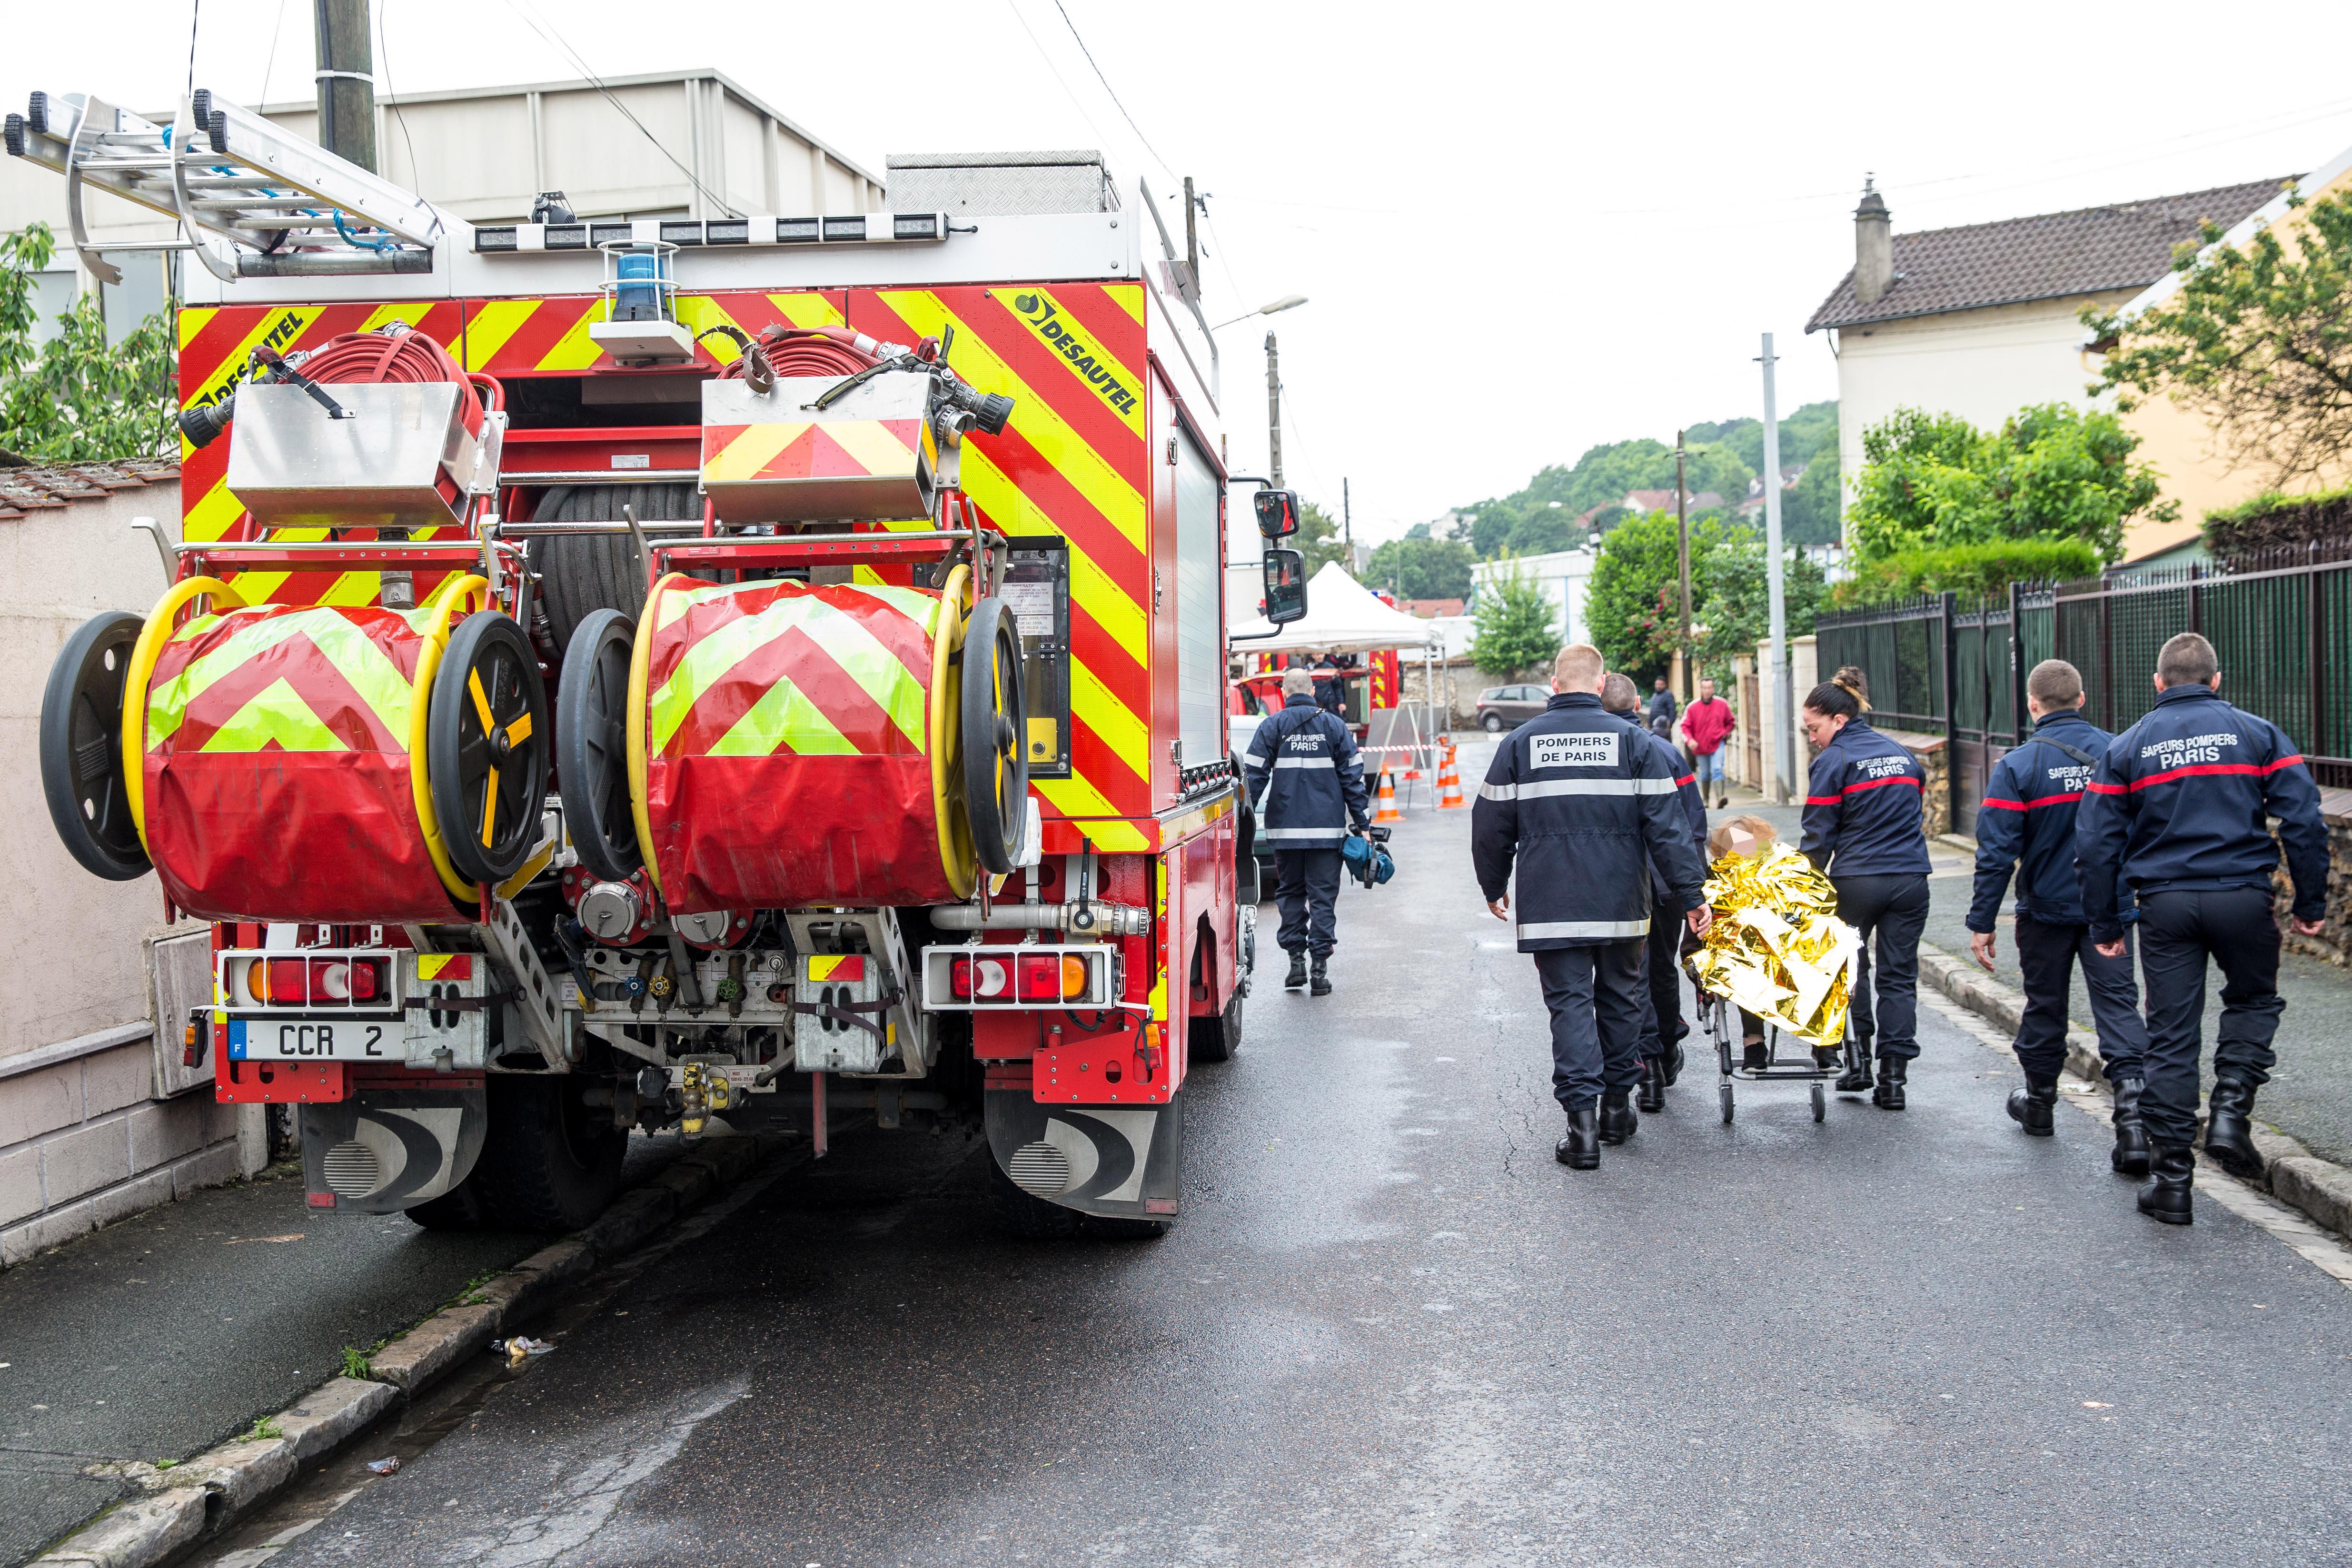 Pompiers de Paris Villeneuve Saint Georges Juin 2016 Photo Mickael Lefevre 14